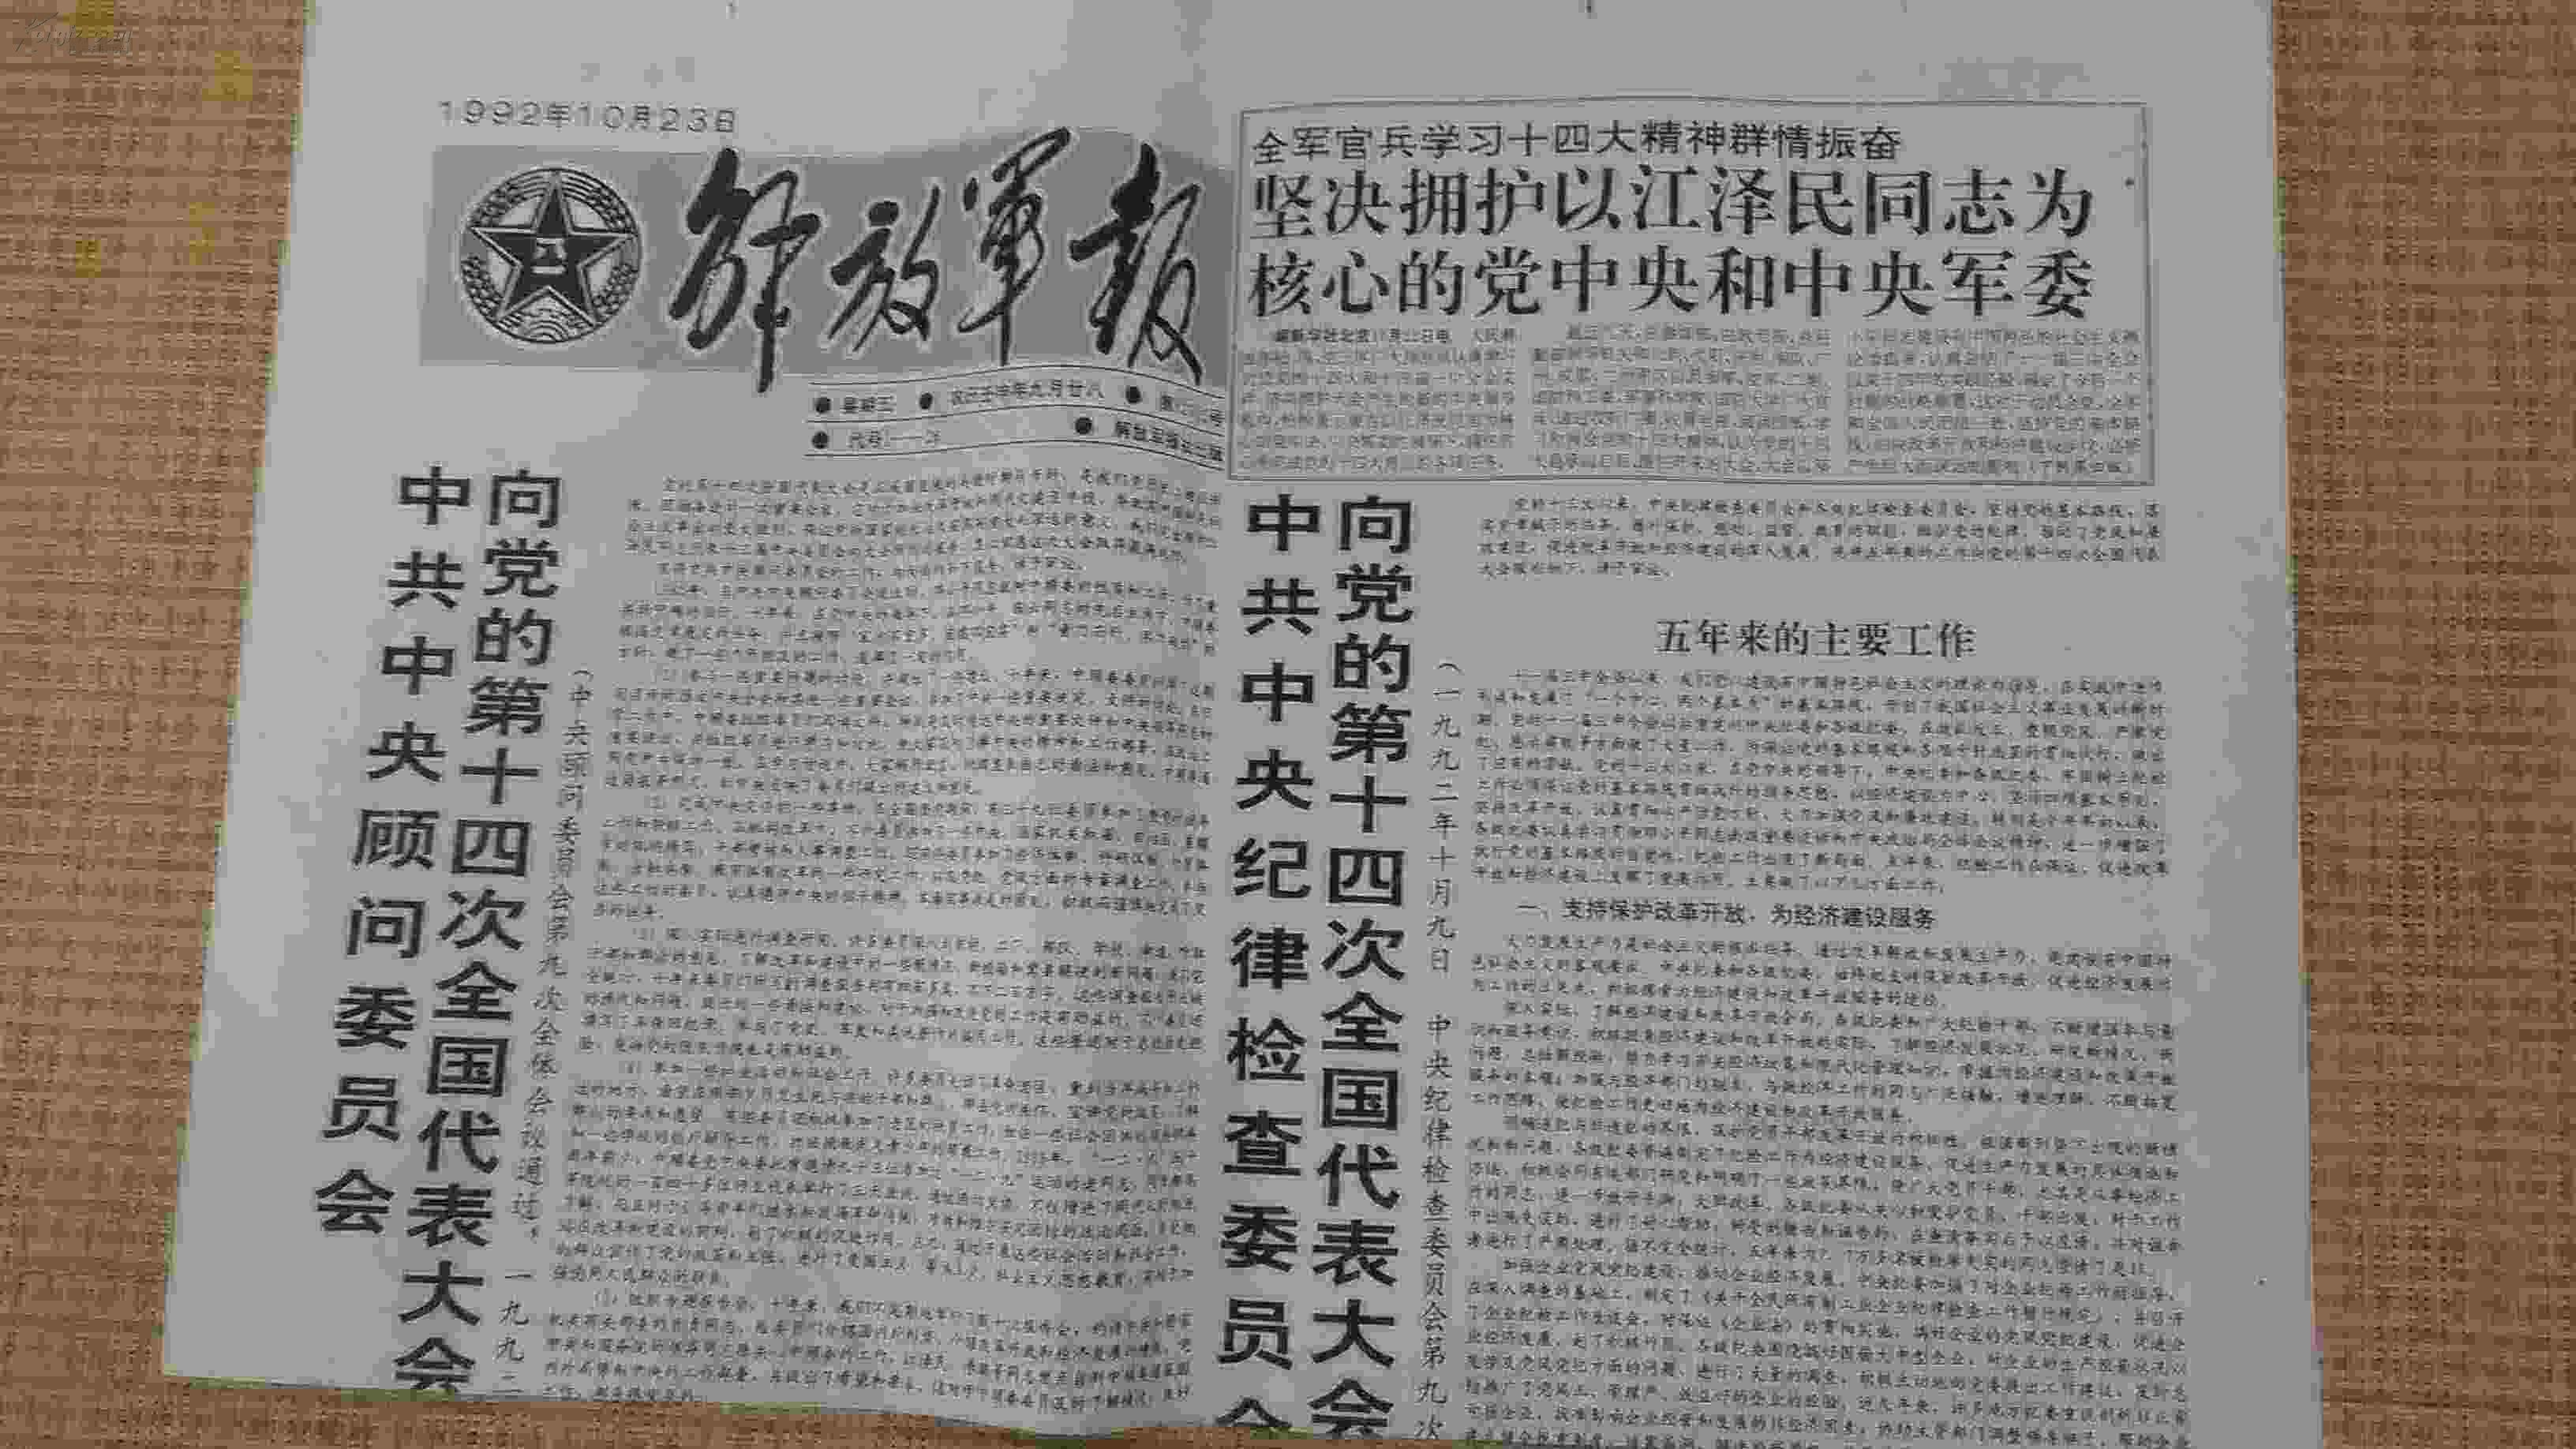 解放军报(1992年10月23日)